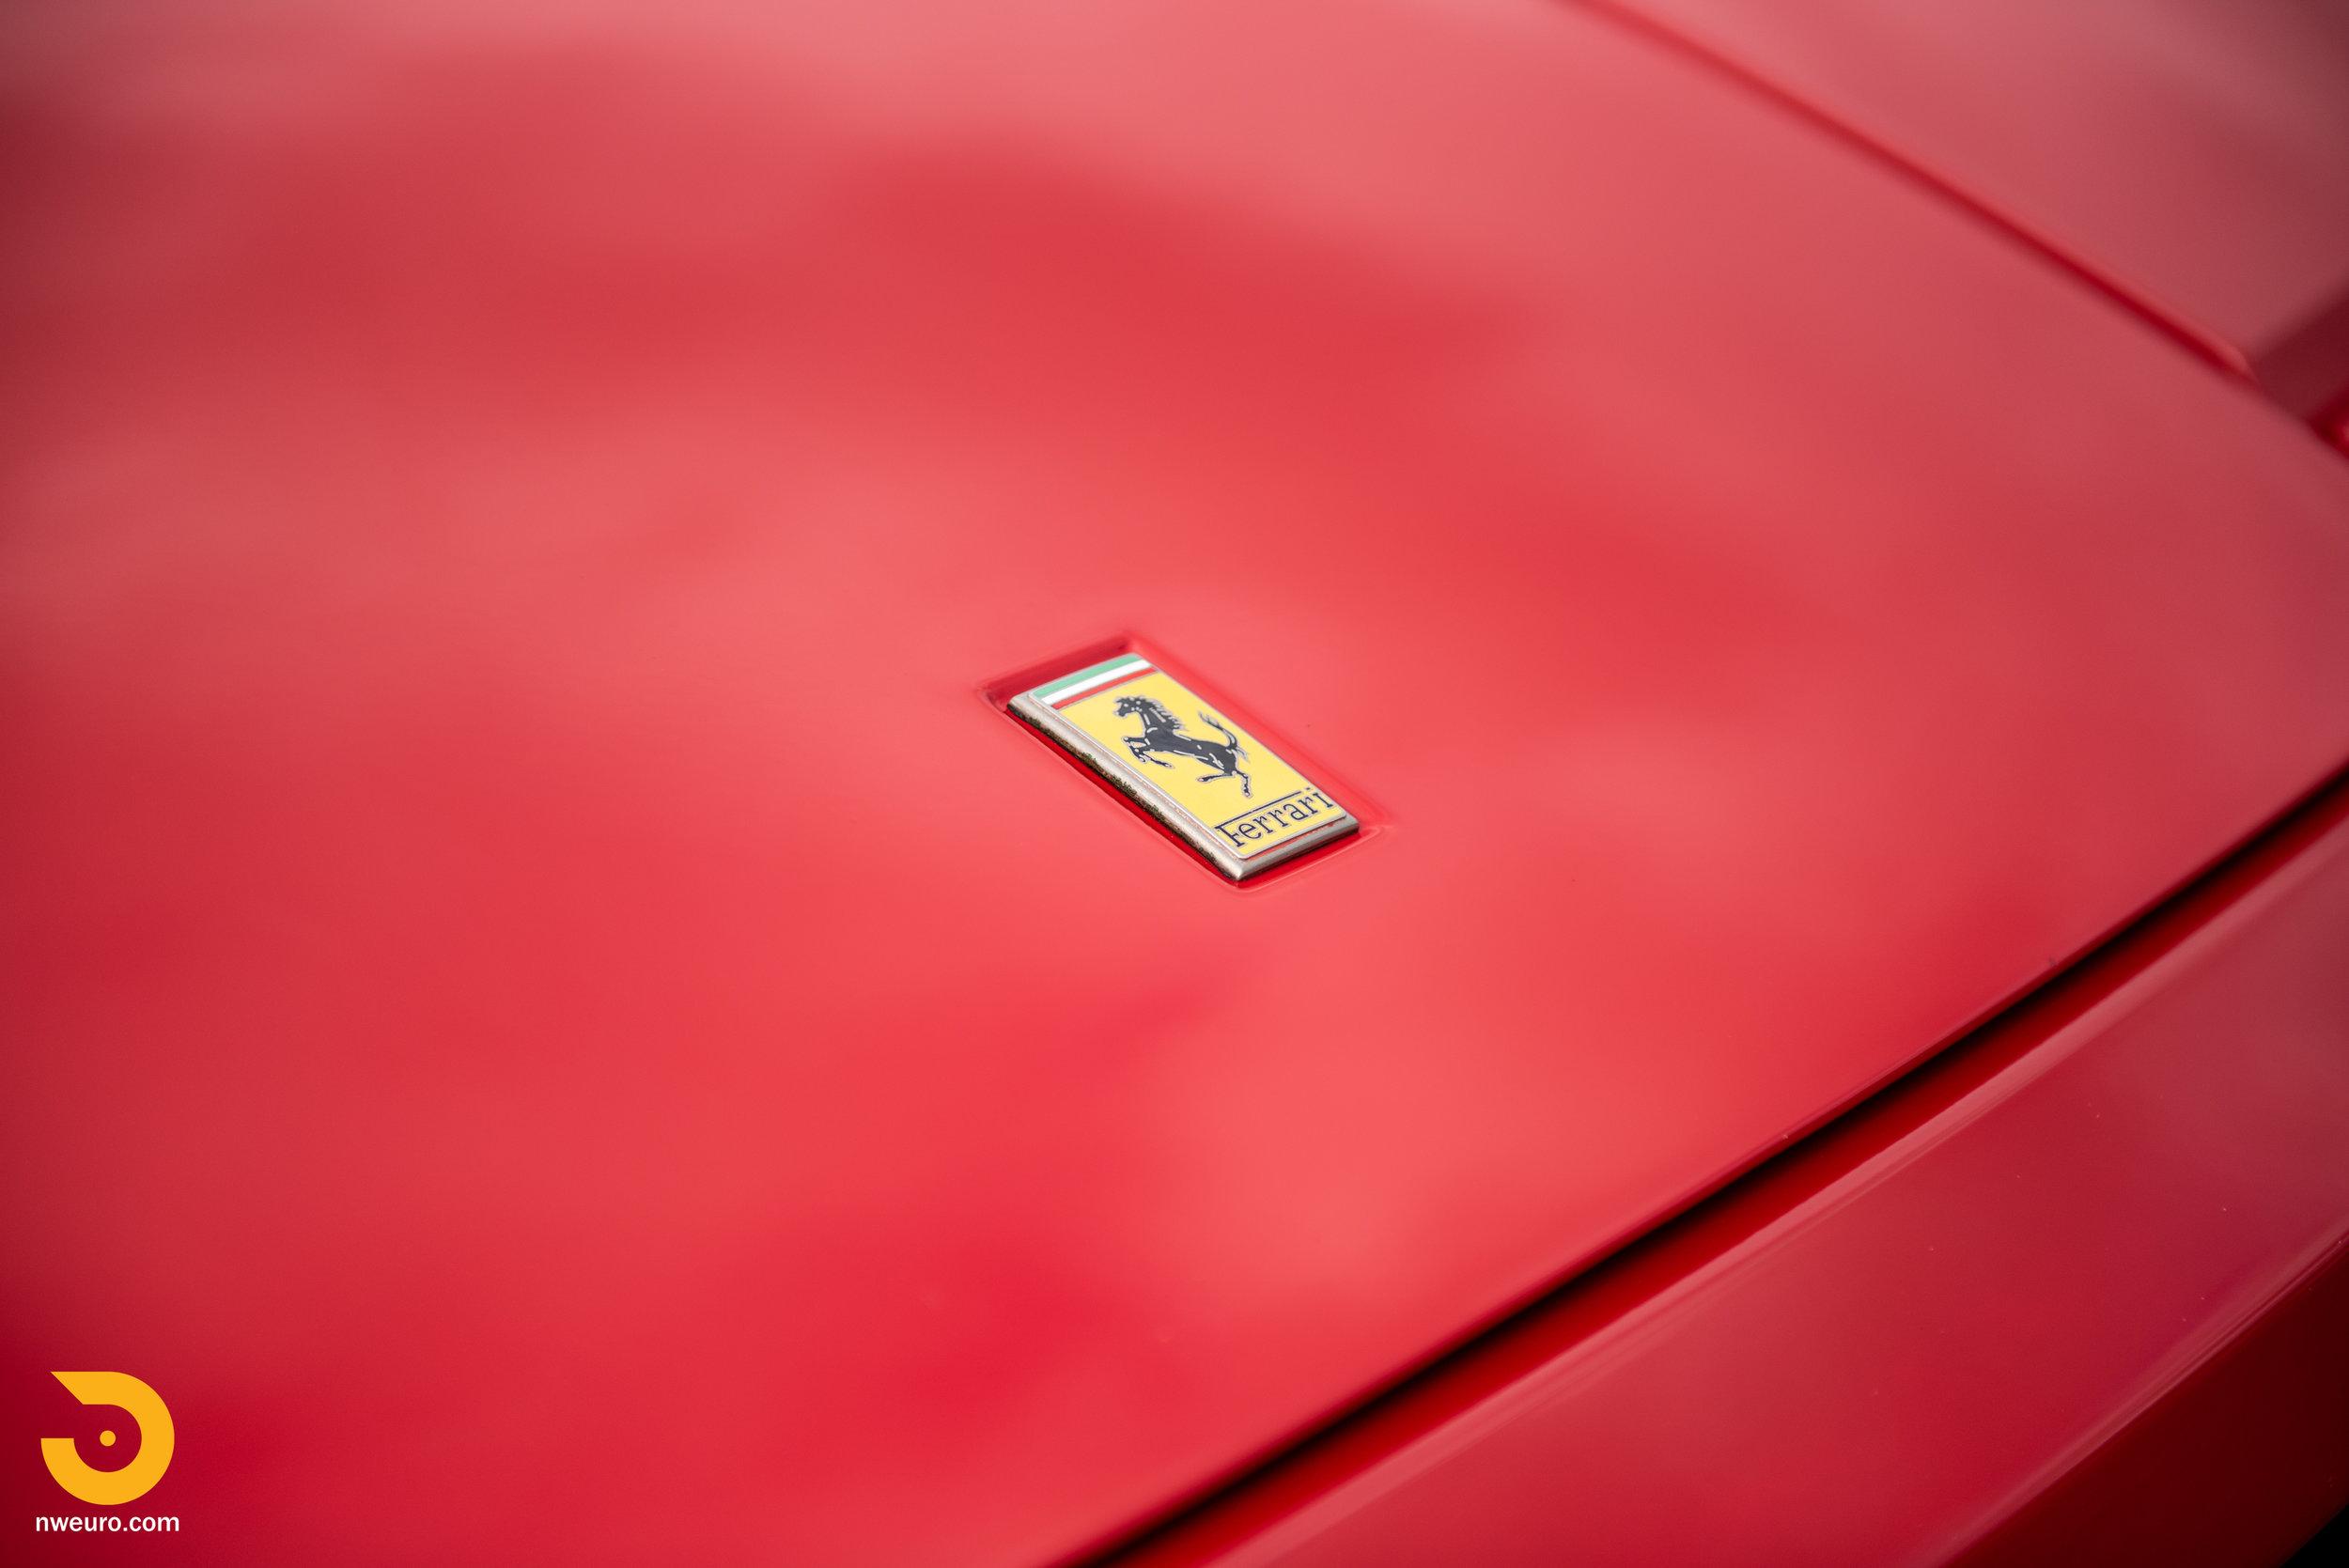 1988 Ferrari Testarossa-16.jpg